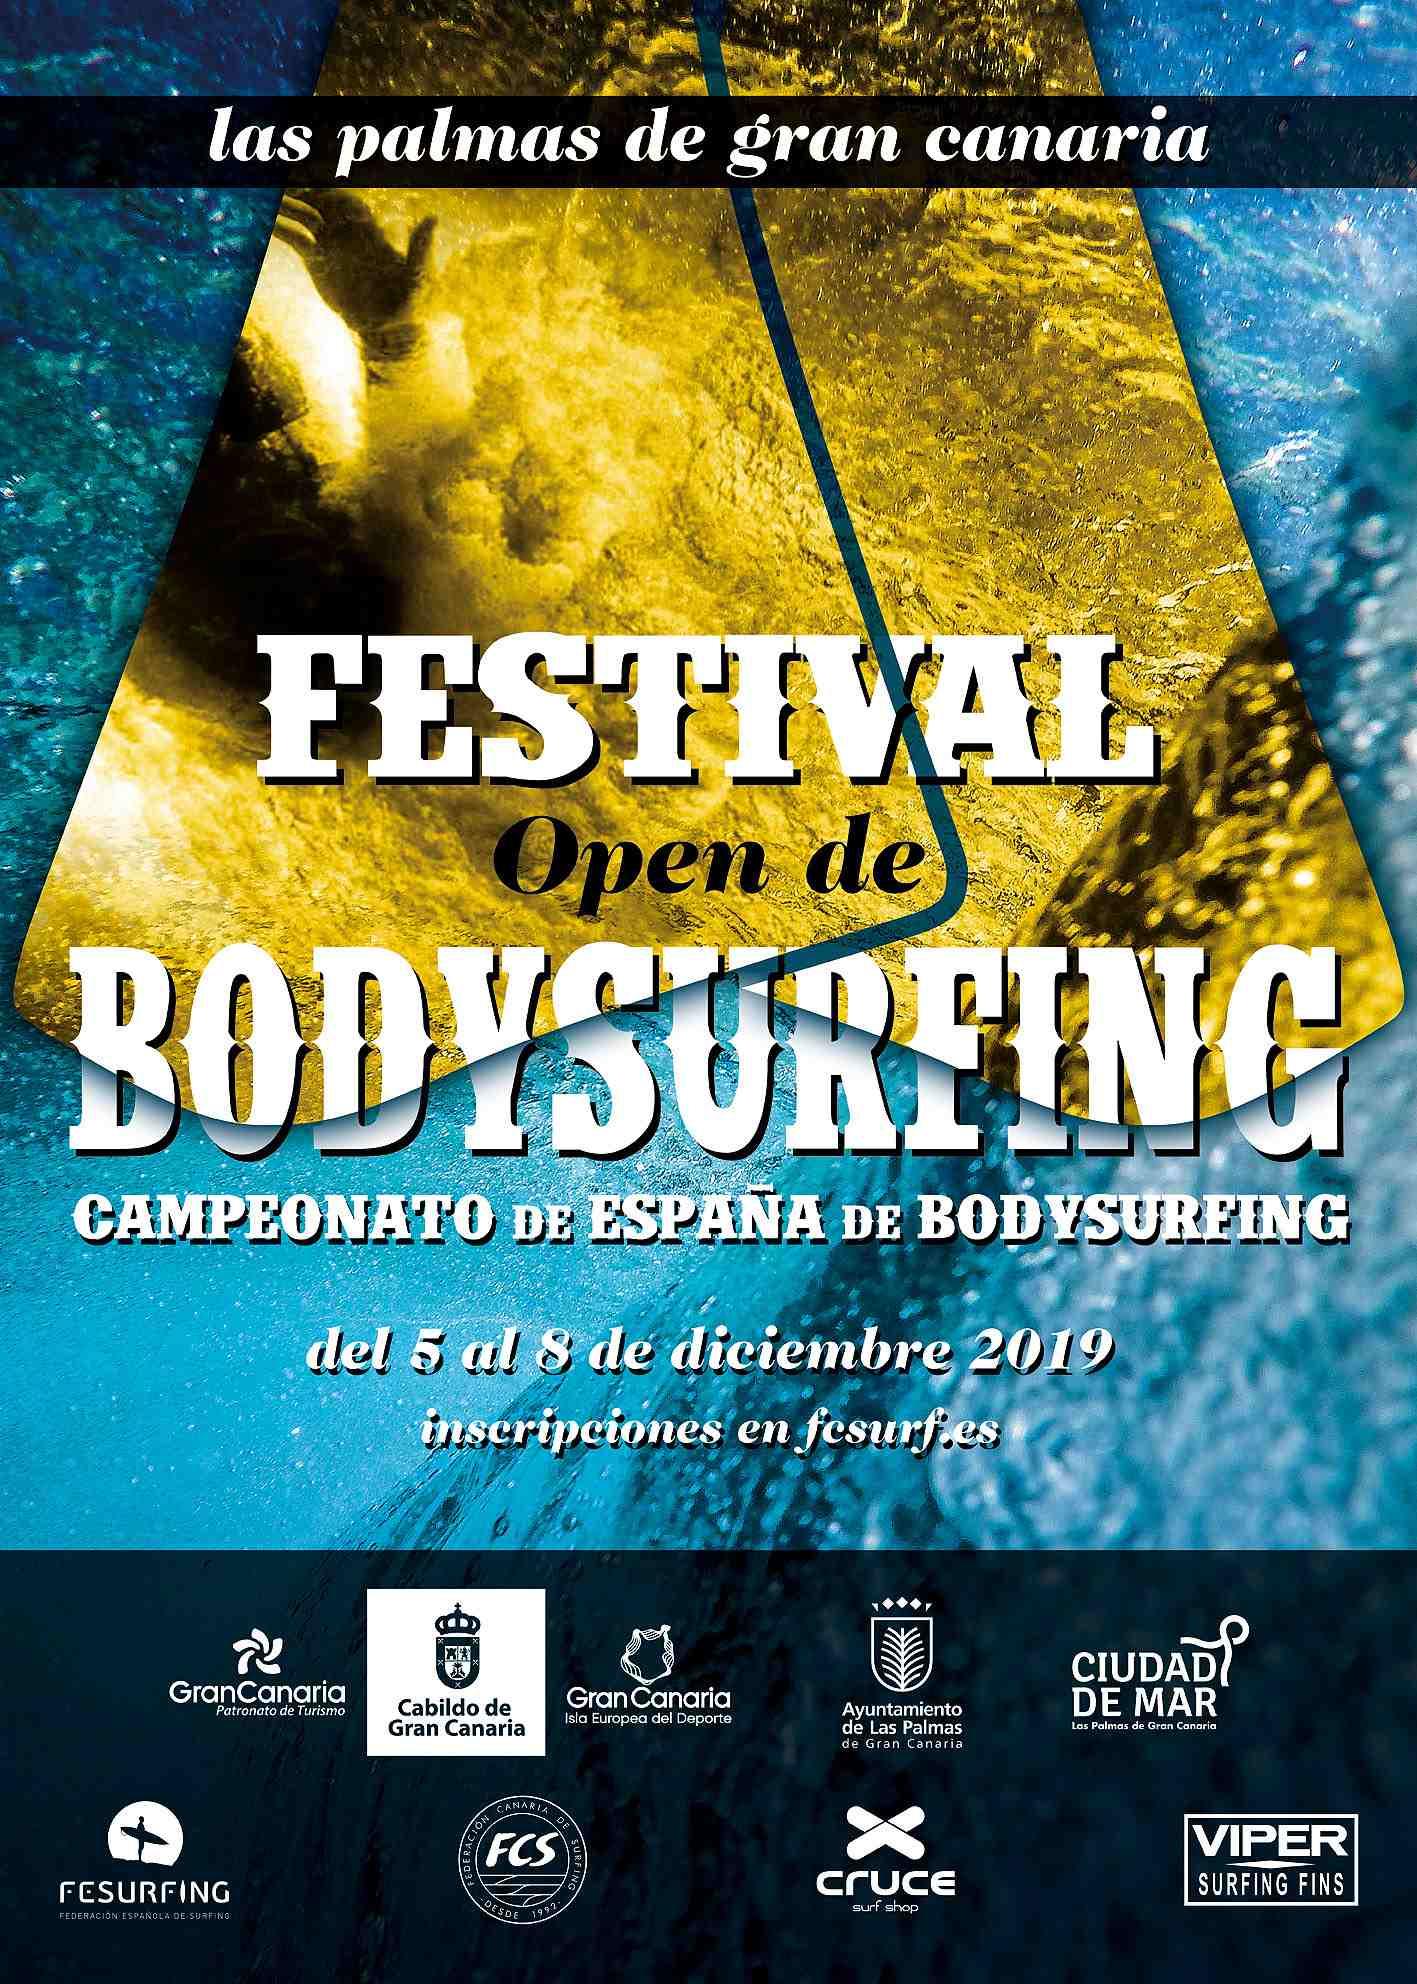 CAMPEONATO DE ESPAÑA DE BODYSURF - Inscríbete